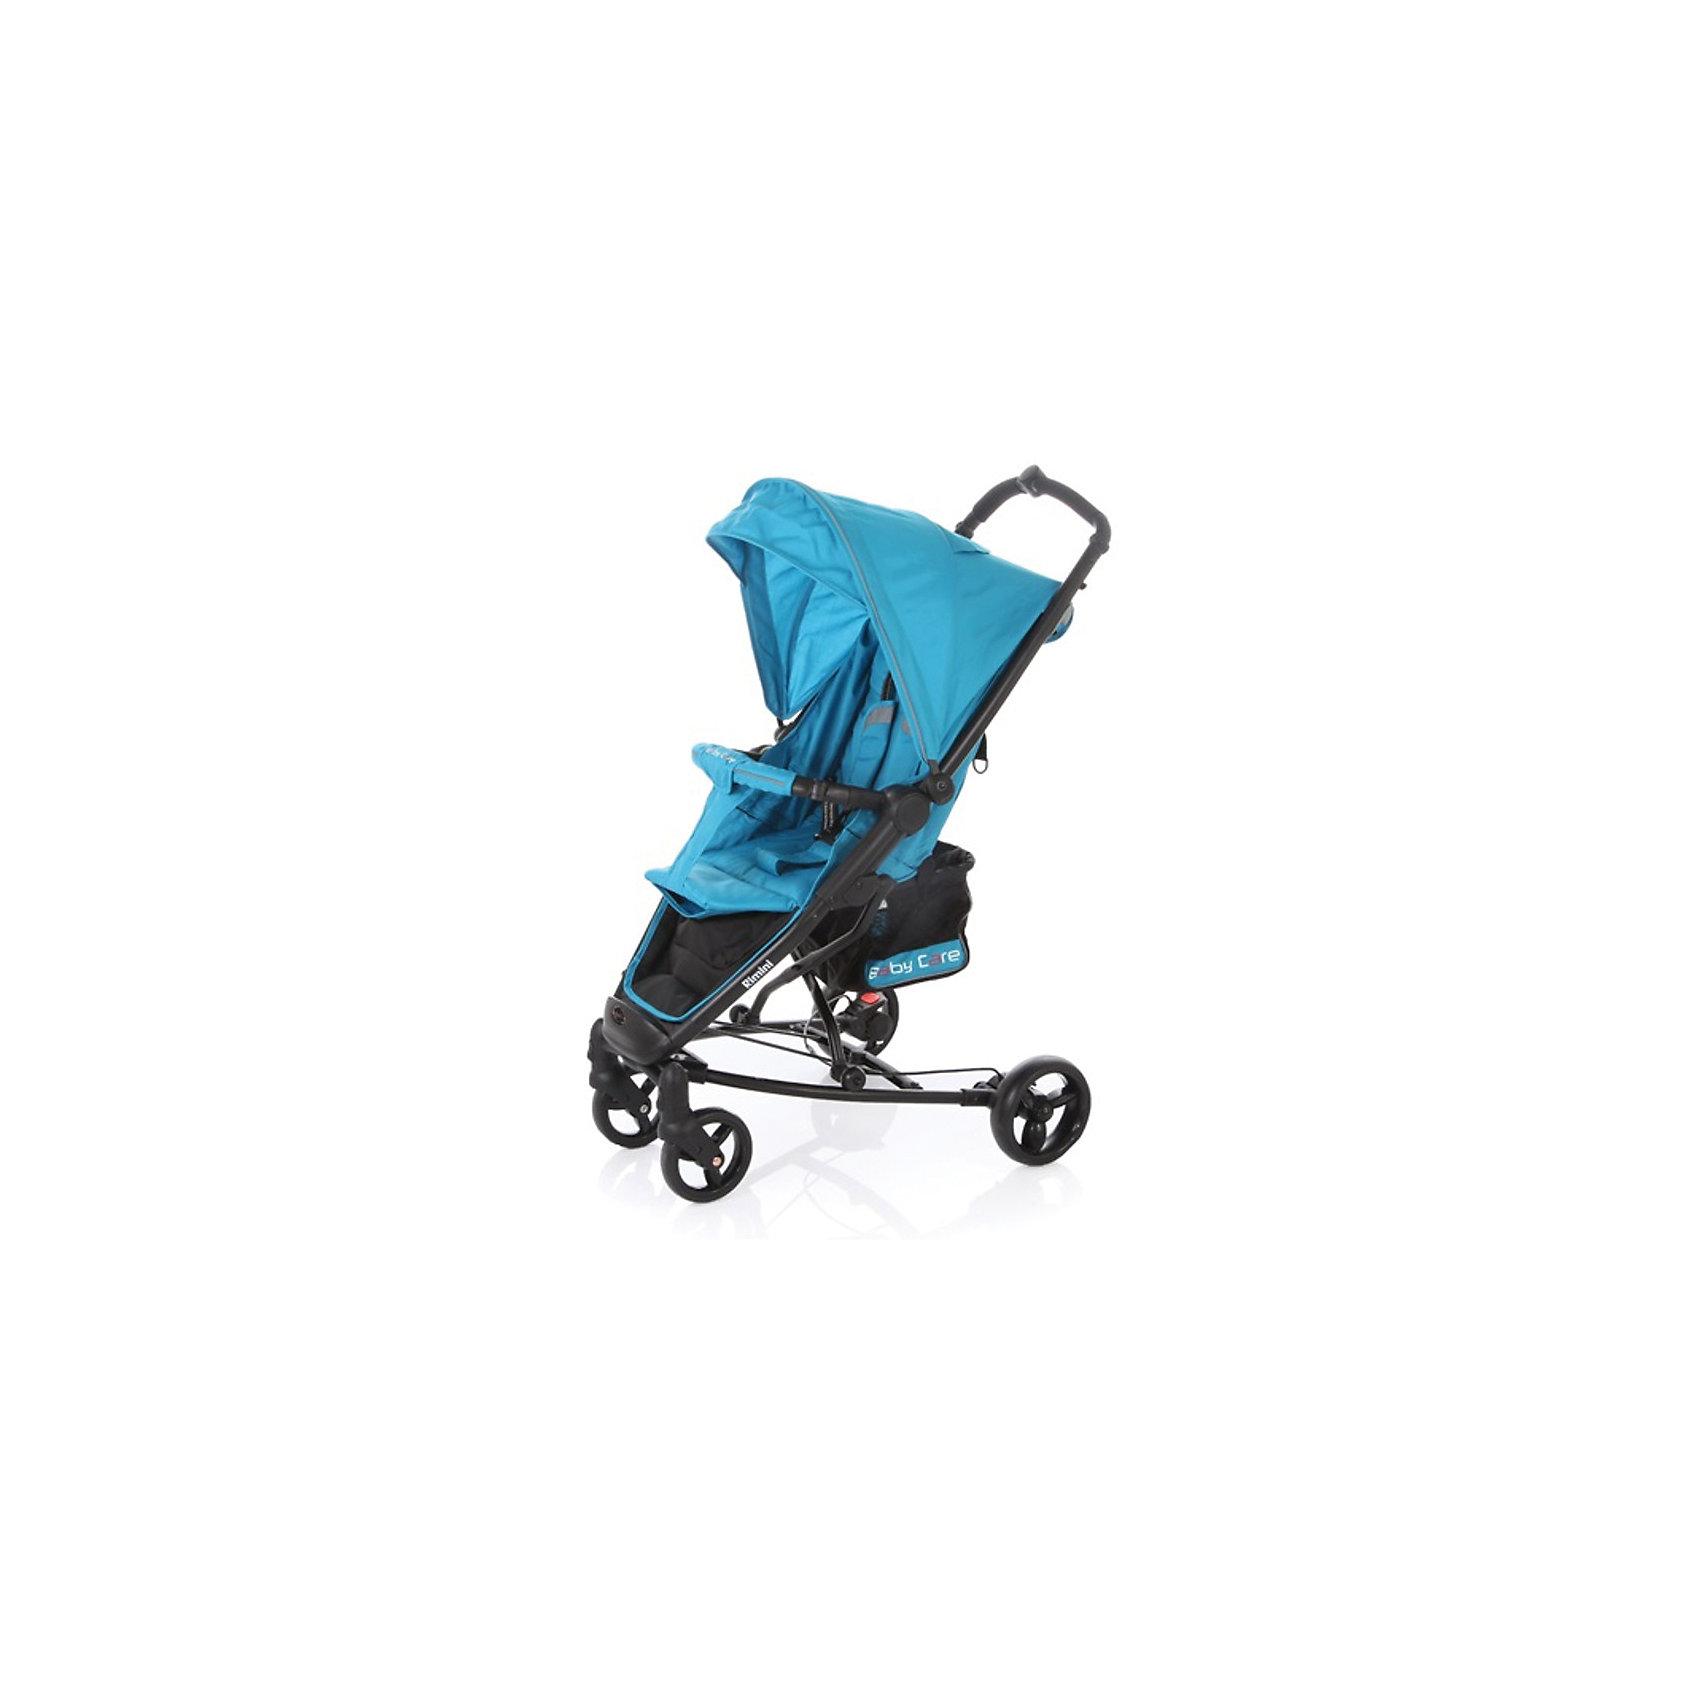 Прогулочная коляска Baby Care Rimini, голубойПрогулочные коляски<br>Характеристики коляски:<br><br>• регулируется наклон спинки почти до горизонтального положения;<br>• регулируется подножка;<br>• 5-ти точечные ремни безопасности удерживают ребенка;<br>• имеется бампер с мягкой обивкой;<br>• капюшон оснащен смотровым окошком, имеется солнцезащитный козырек;<br>• чехол на ножки защищает от ветра и непогоды;<br>• передние плавающие колеса с фиксацией;<br>• ножной барабанный тормоз на тросике;<br>• тип складывания: книжка;<br>• предусмотрена защита от случайного раскладывания;<br>• материал рамы: алюминий.<br><br>Размер коляски: 51х82х102 см<br>Размер в сложенном виде: 32х75х44 см<br>Длина спального места: 73 см<br>Ширина сиденья: 30 см<br>Диаметр колес: 15 см, 17 см<br>Ширина колесной базы: 59 см<br>Размер корзины: 20х20х25 см<br>Вес коляски: 8,4 кг<br>Размер упаковки: 76х35х23 см<br>Вес в упаковке: 9,4 кг<br><br>Прогулочную коляску Rimini, Baby Care, цвет голубой можно купить в нашем интернет-магазине.<br><br>Ширина мм: 760<br>Глубина мм: 230<br>Высота мм: 350<br>Вес г: 9400<br>Возраст от месяцев: 6<br>Возраст до месяцев: 48<br>Пол: Унисекс<br>Возраст: Детский<br>SKU: 5513639